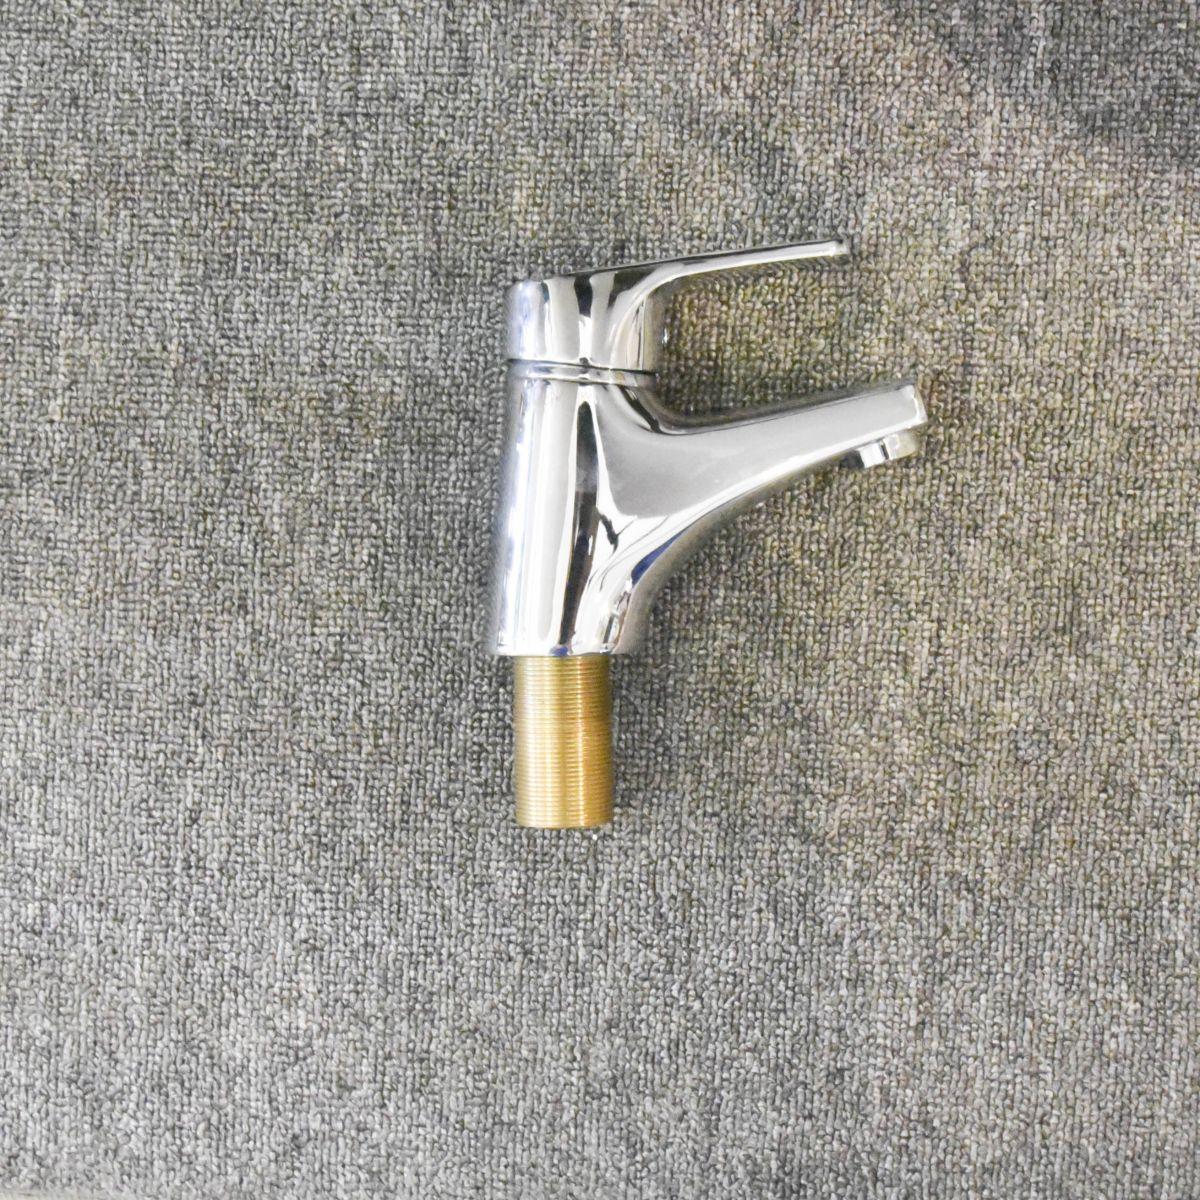 Vòi chậu lavabo Outlet 06 là sản phẩm thiết bị vệ sinh outlet, xả kho, thanh lý một số mặt hàng trưng bày, giá khuyến mãi cực kỳ hấp dẫn, đến ngay showroom Hita tại Tphcm